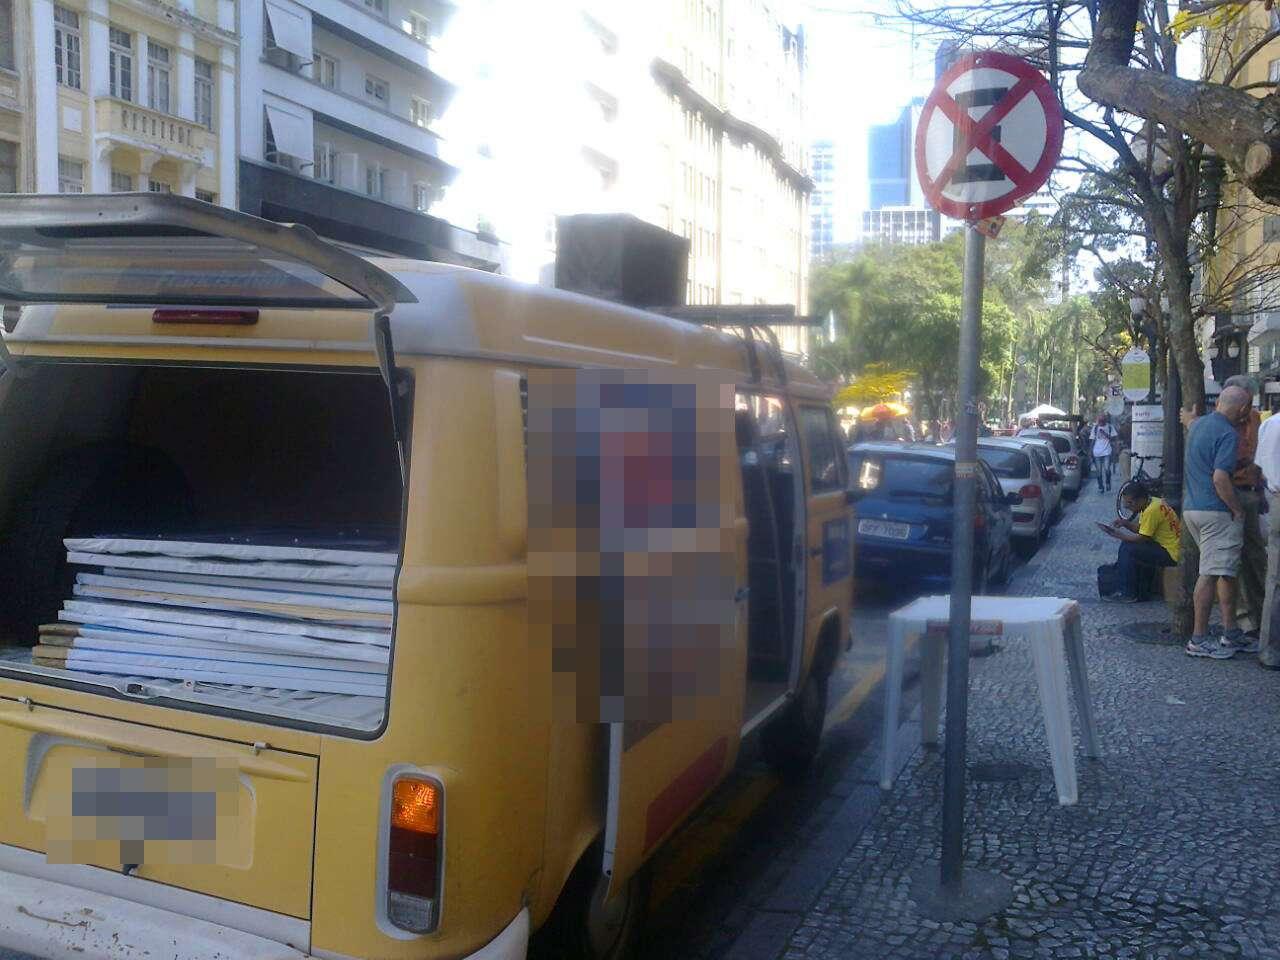 Foto: Célio Borba/vc repórter